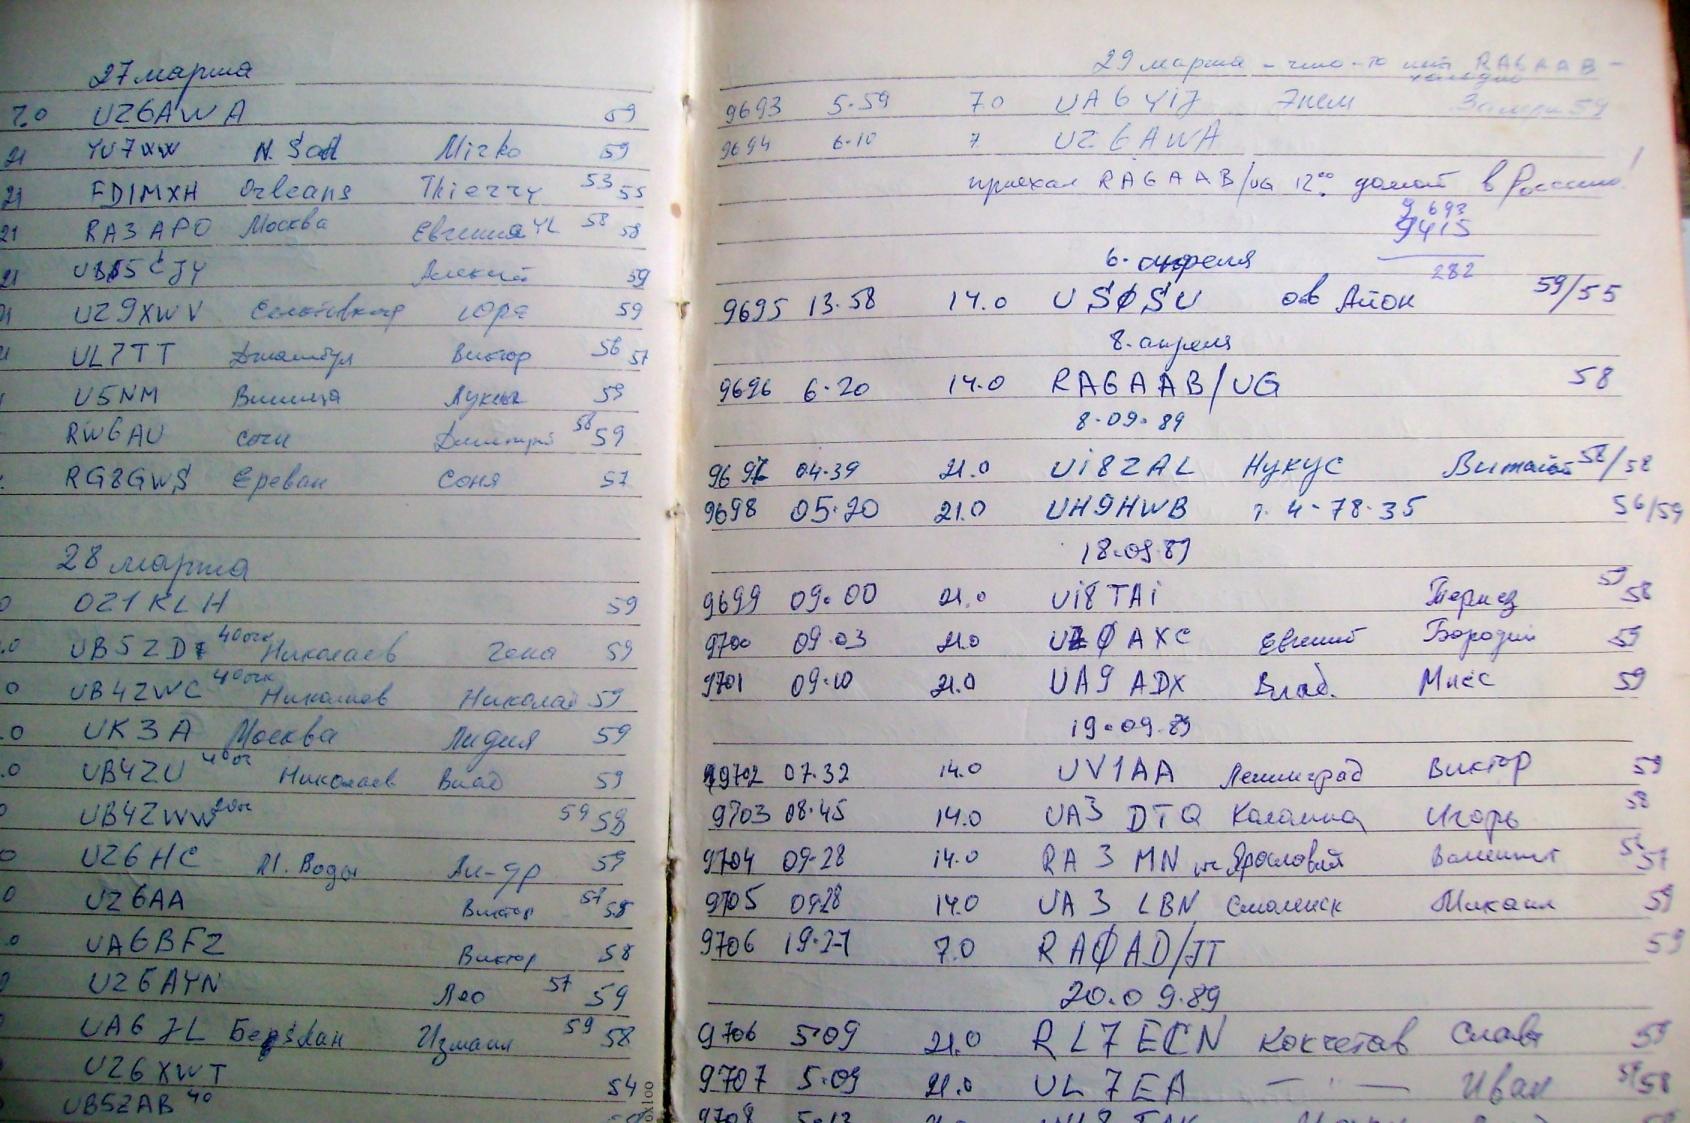 Нажмите на изображение для увеличения.  Название:UA6AH-UG-1989-log-4.jpg Просмотров:1 Размер:981.6 Кб ID:231017